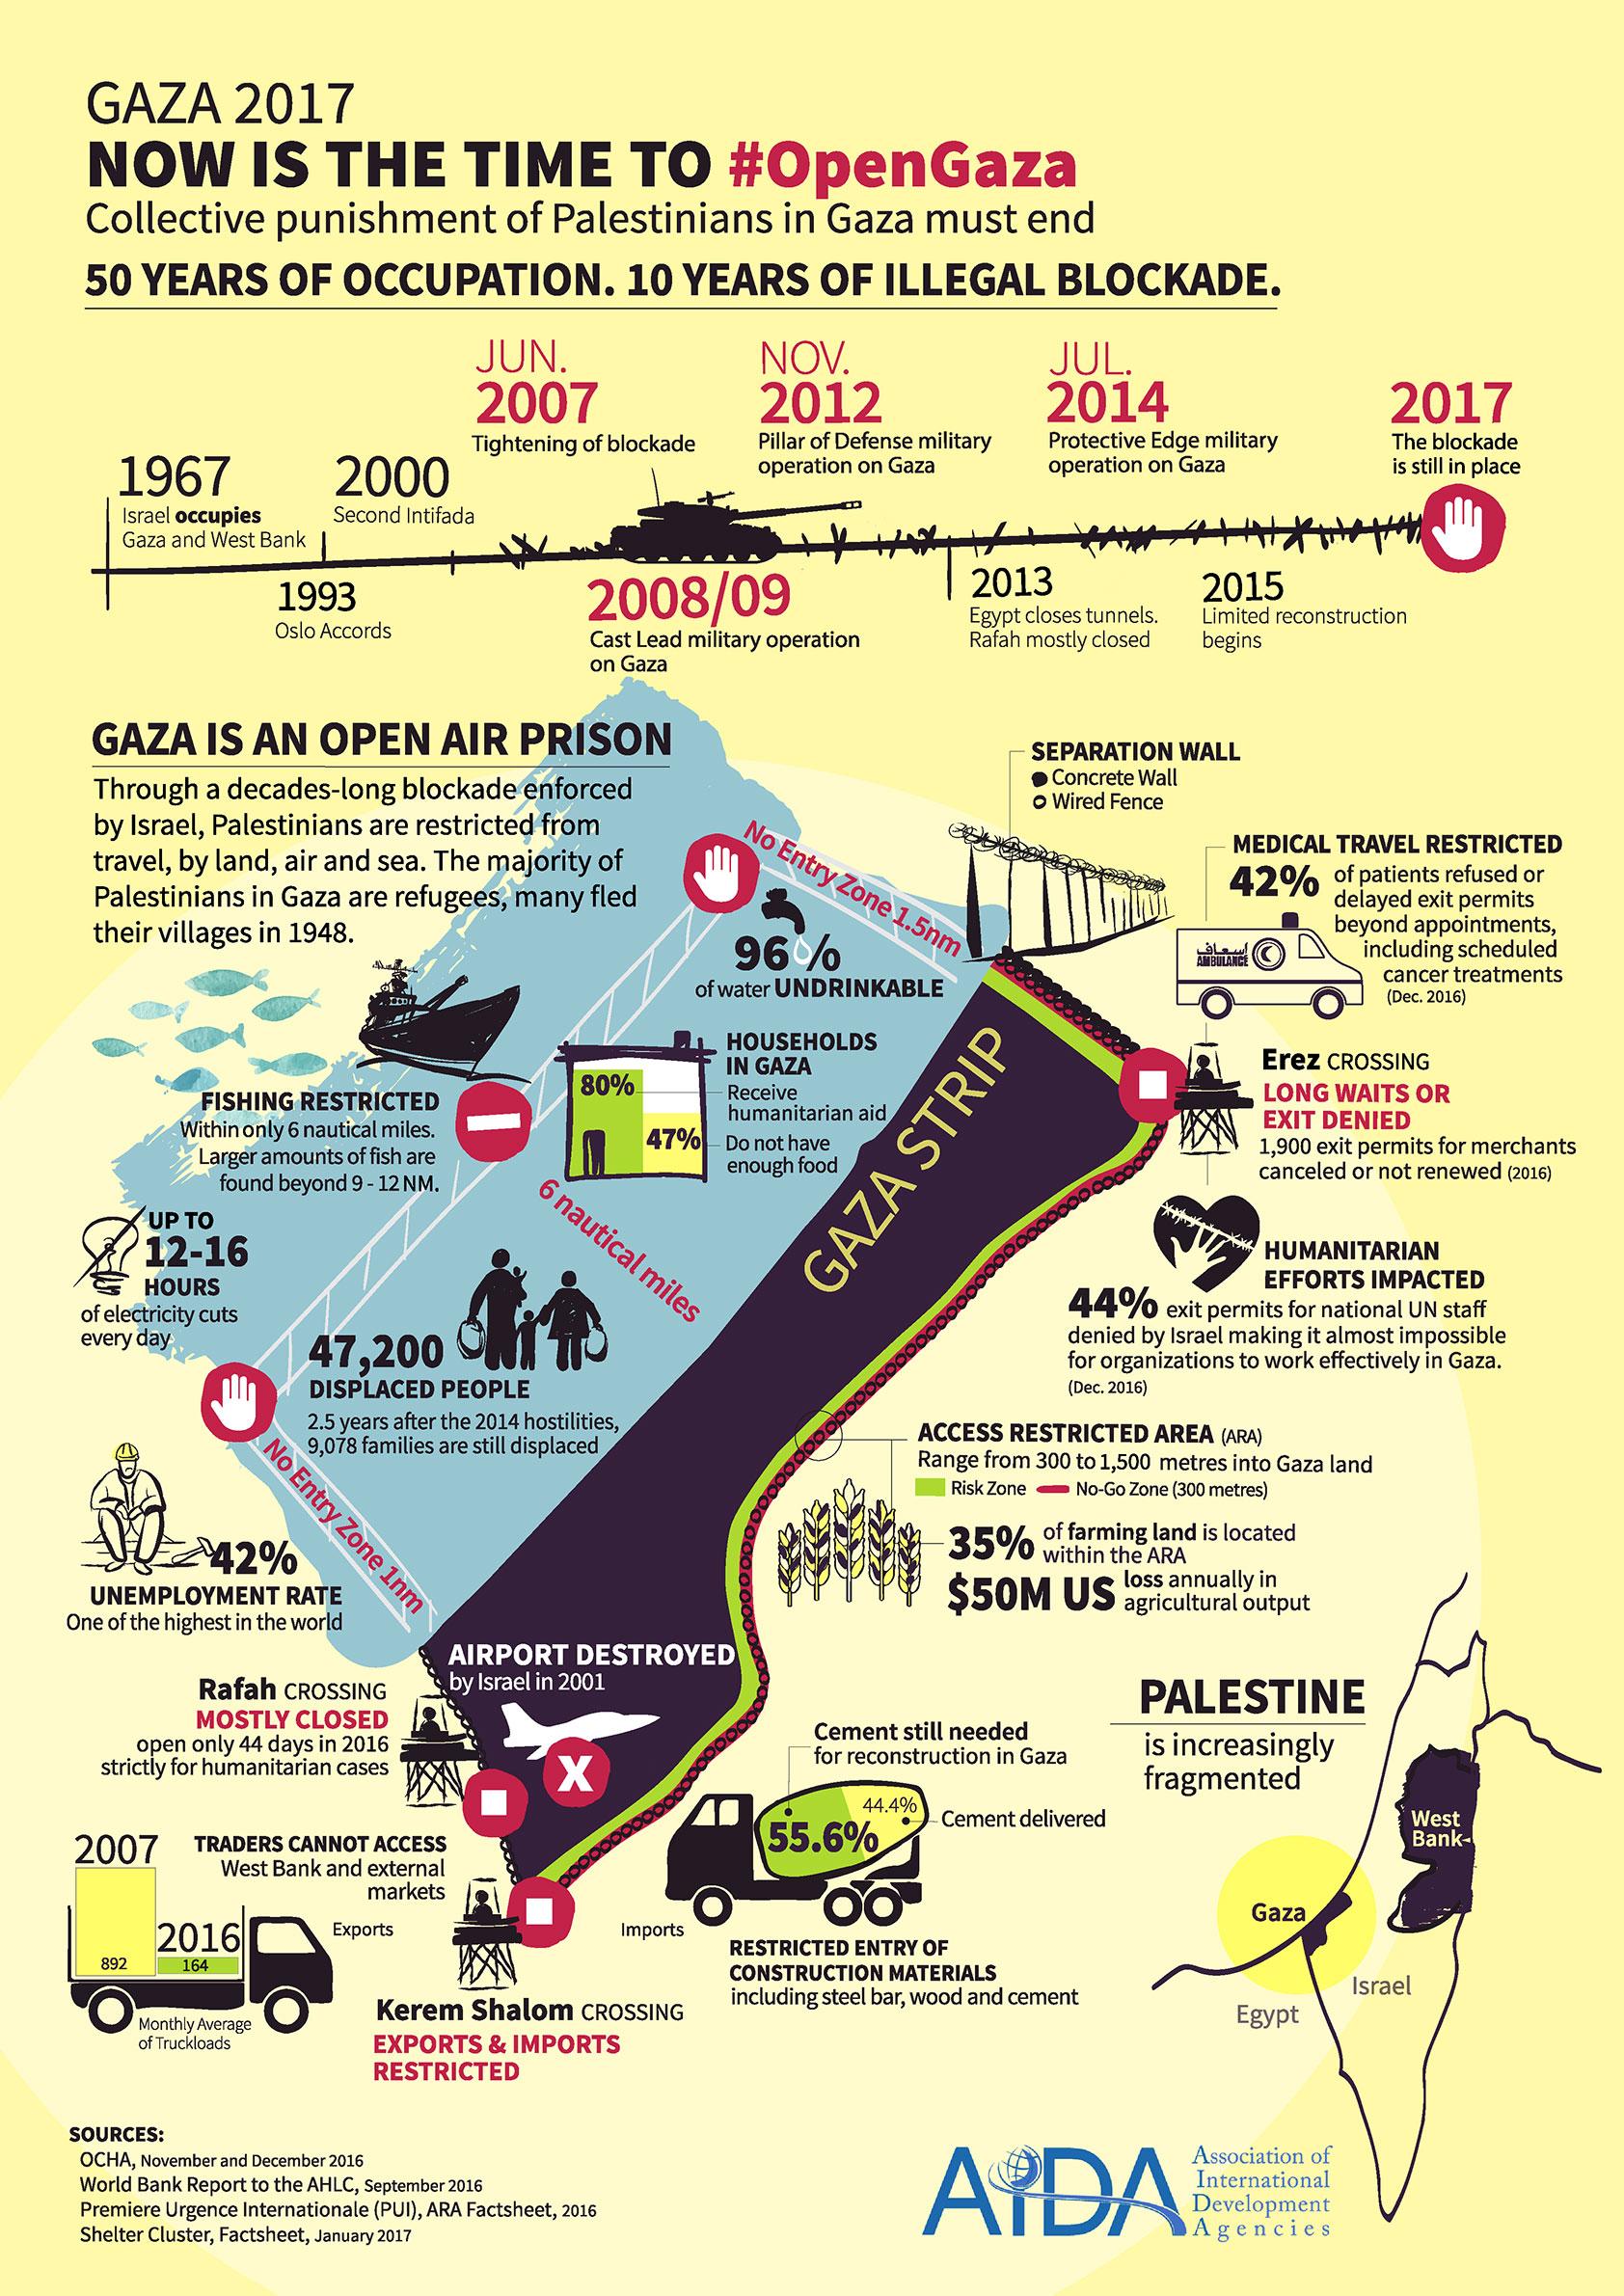 #OpenGaza